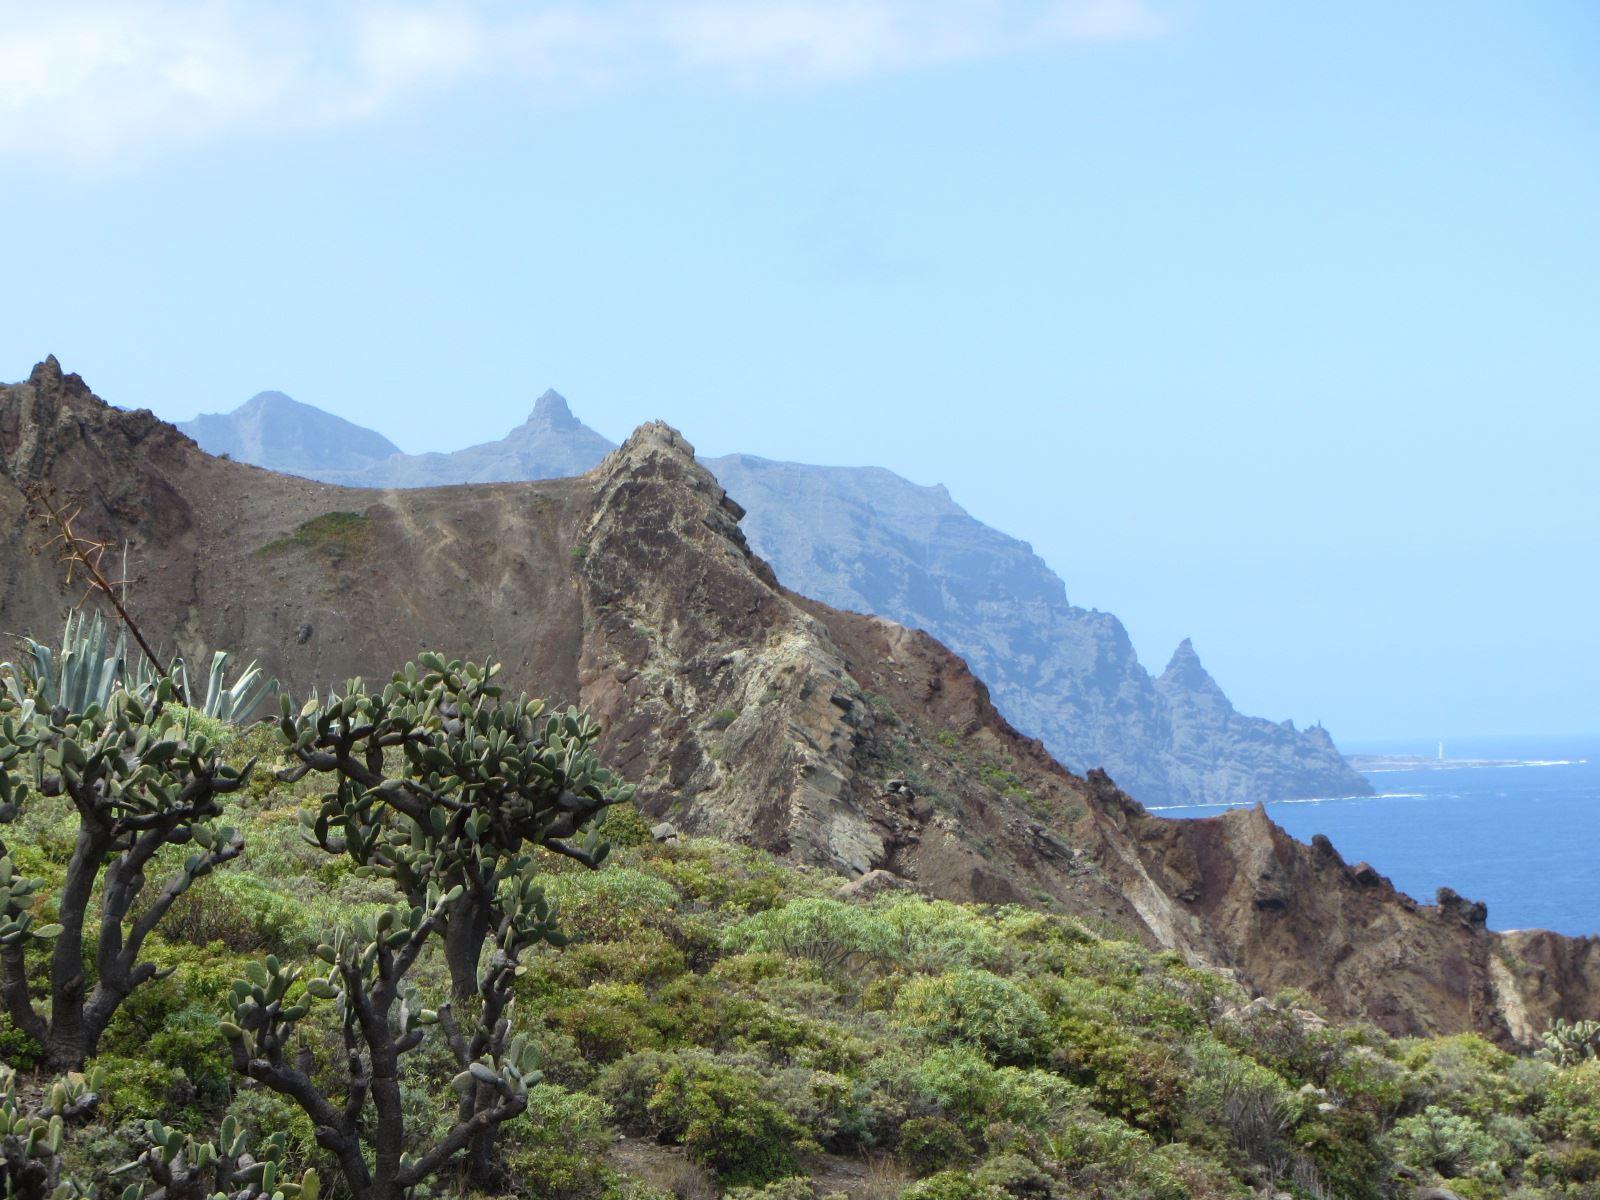 hannibal-tenerife-wandelen-op-tenerife-canarische-eilanden